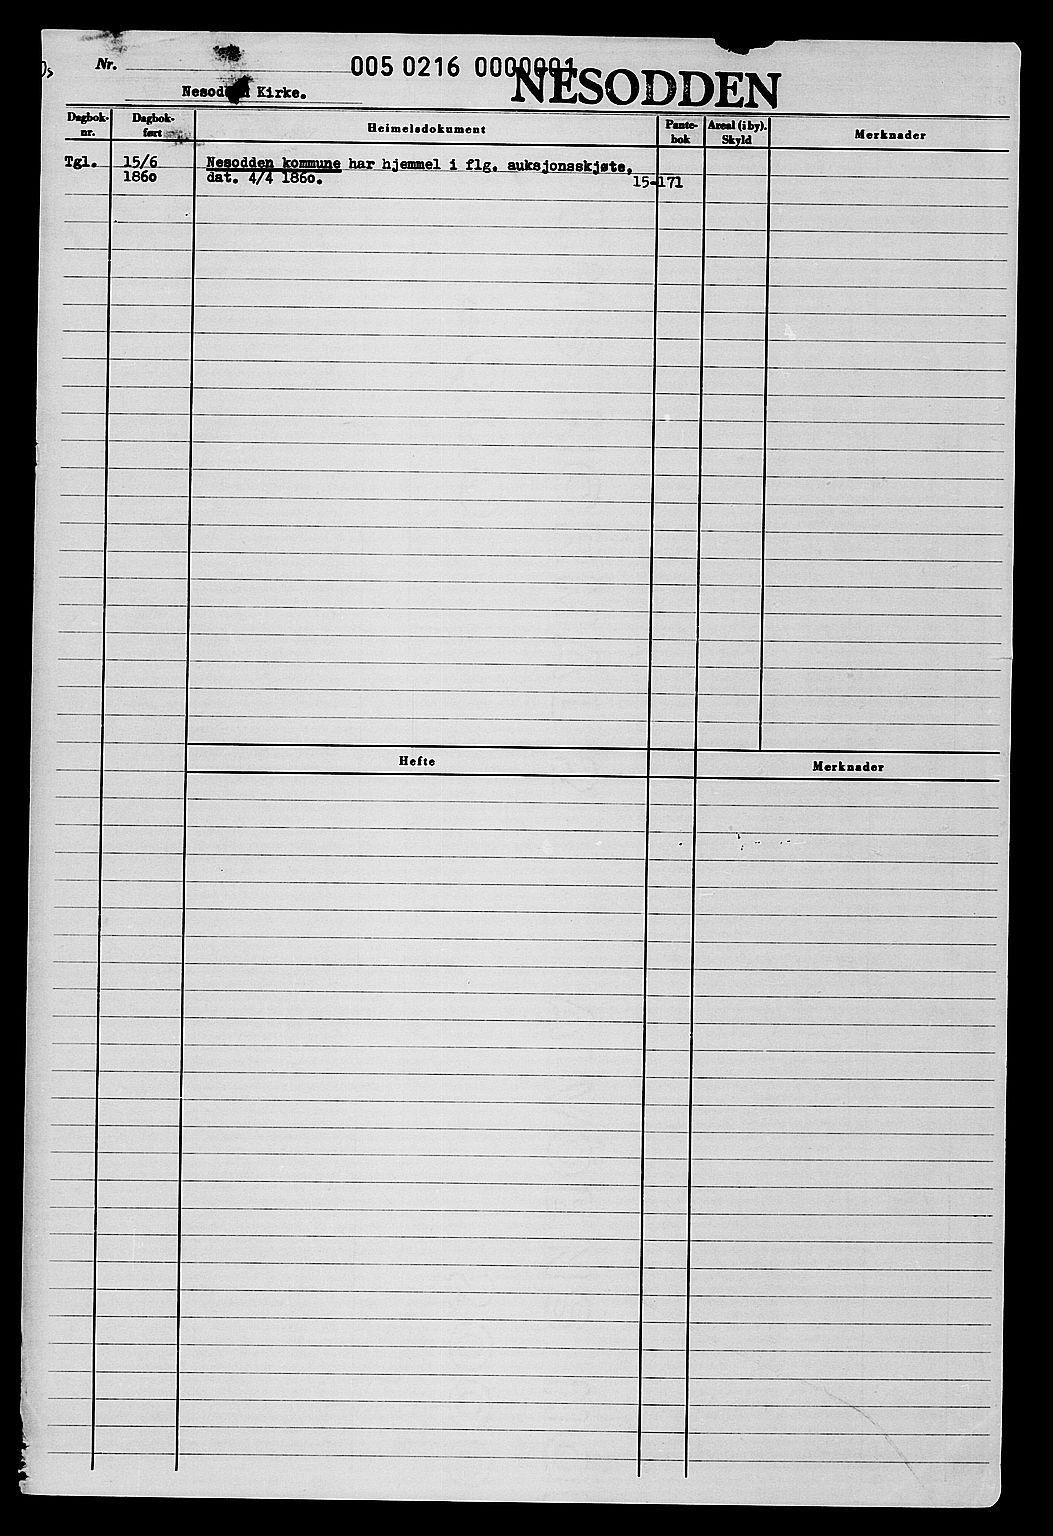 SAO, Ytre Follo tingrett, TINGLYSING, Grunnbøker, Grunnbokblad V: Grunnboksblader for Nesodden kommune pr. 1991, gnr 1, bnr 1